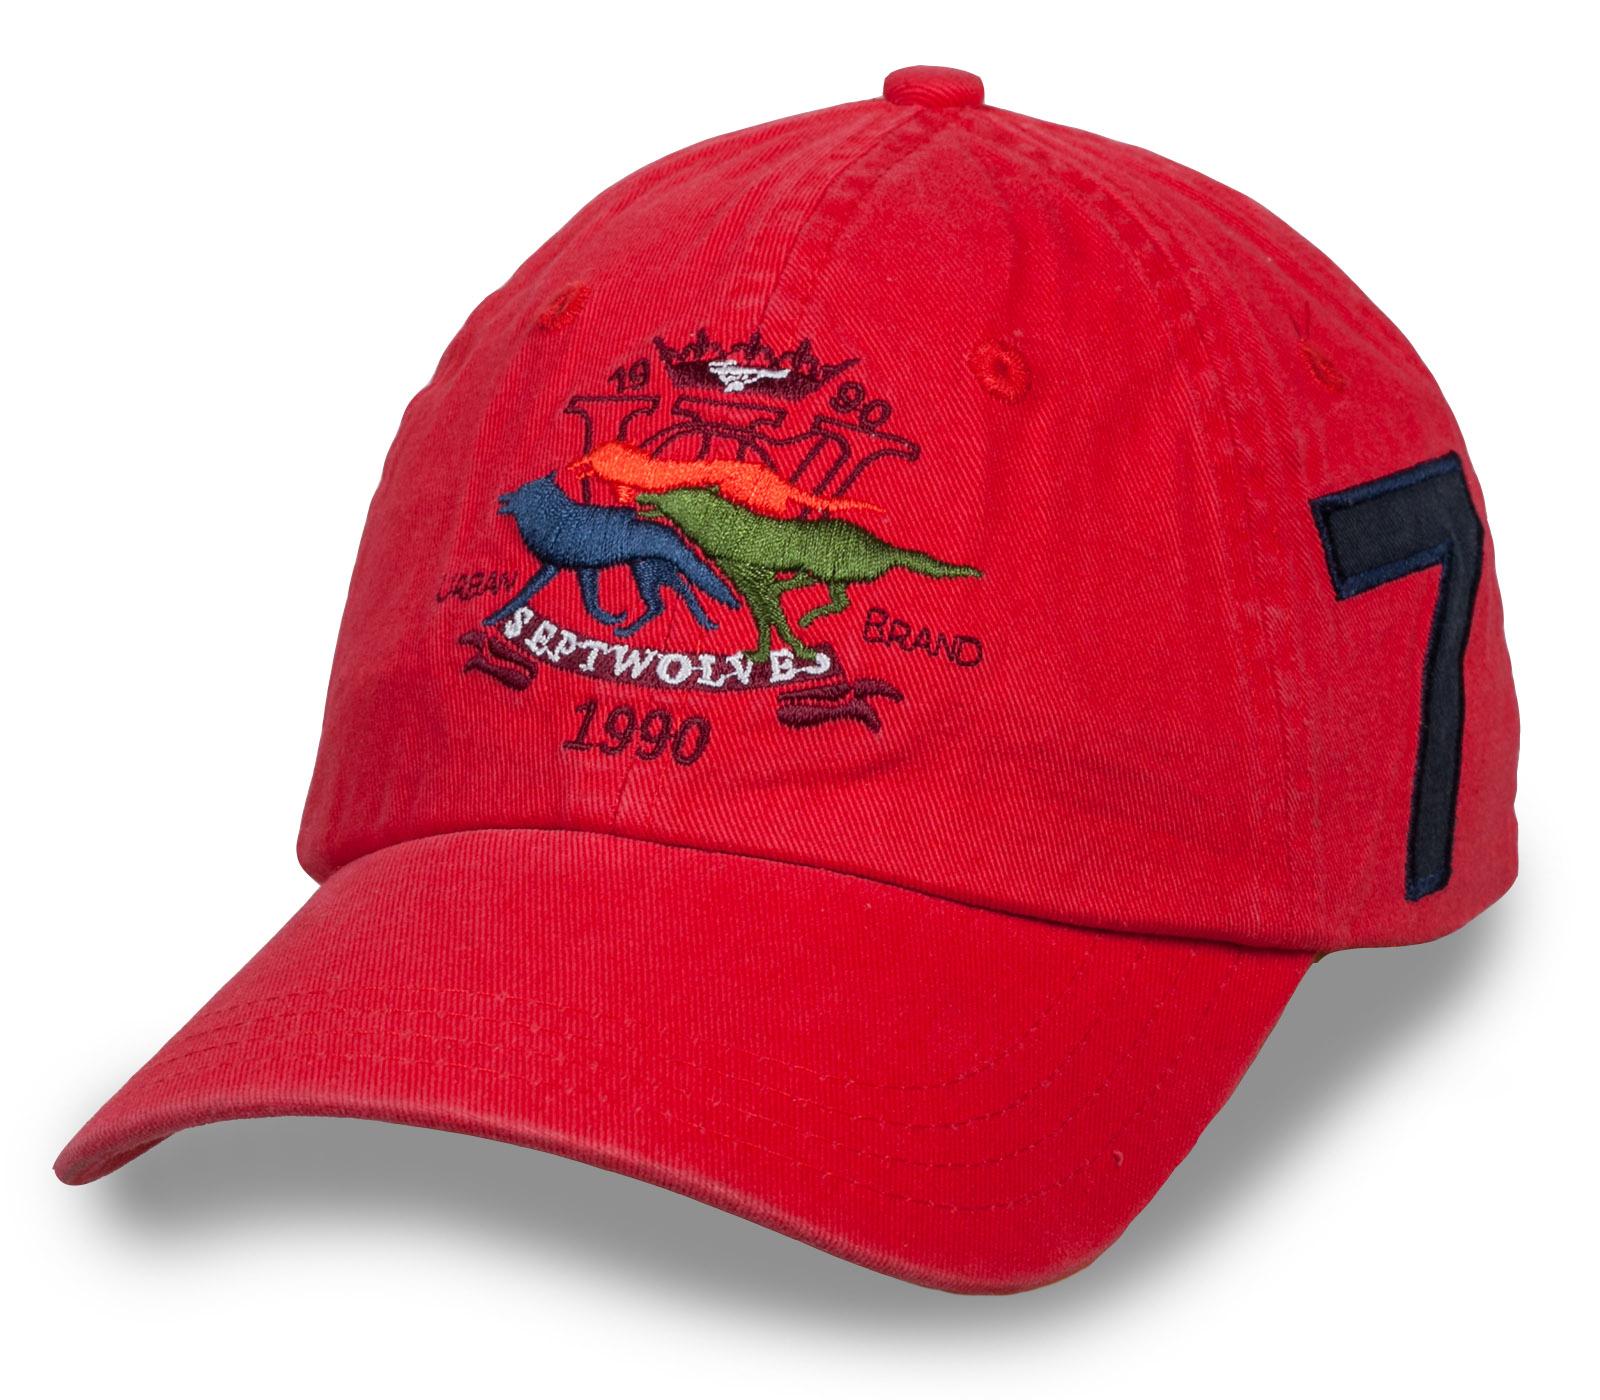 ОКУНИСЬ В ЛЕТО! Для тебя - ярко-красная бейсболка с фирменным логотипом! УДАчНОЕ СОЧЕТАНИЕ СТИЛЯ И ПРАКТИЧНОСТИ!